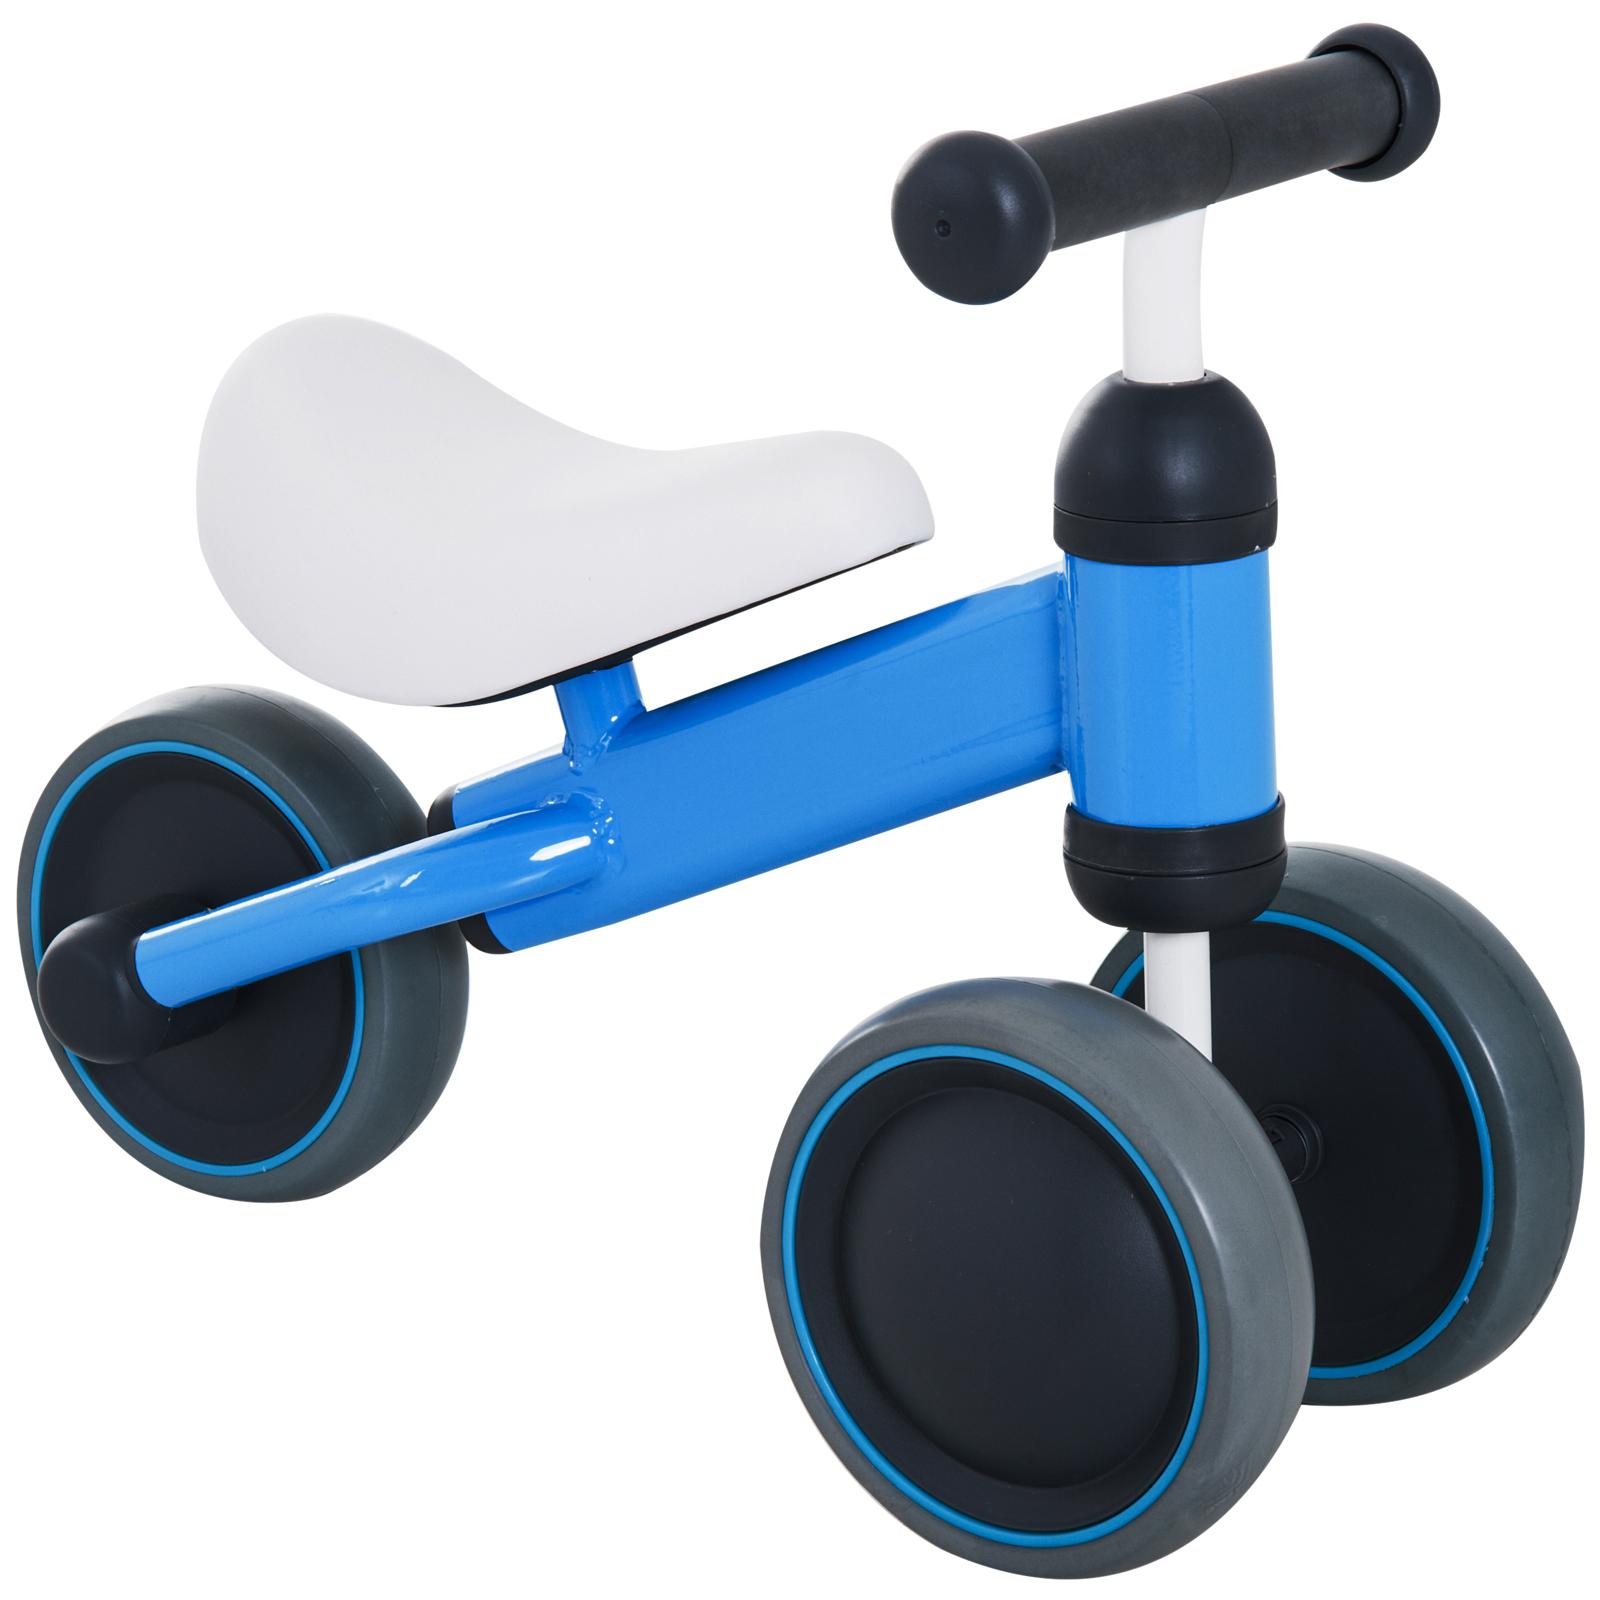 Triciclo-Bicicleta-sin-Pedales-para-Nino-1-3-Anos-Sillon-Comodo-Aluminio miniatura 15